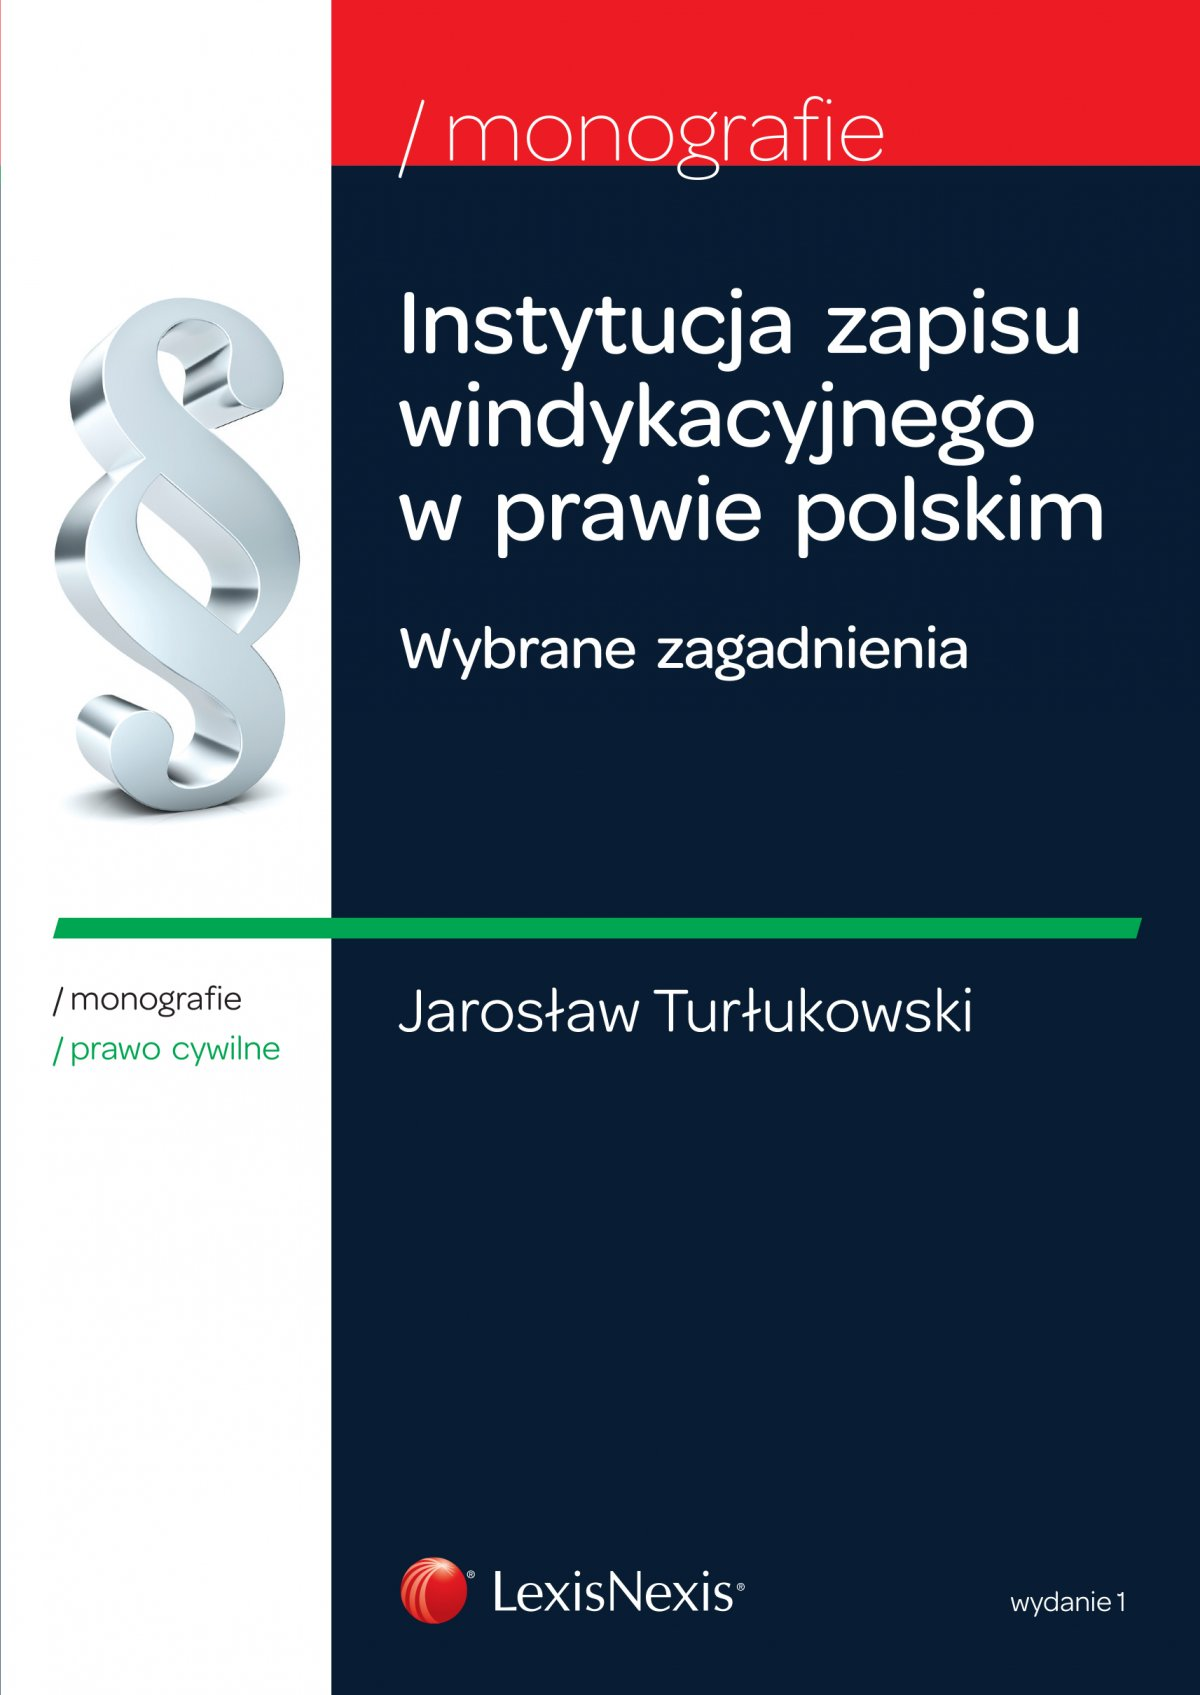 Instytucja zapisu windykacyjnego w prawie polskim. Wybrane zagadnienia. Wydanie 1 - Ebook (Książka EPUB) do pobrania w formacie EPUB